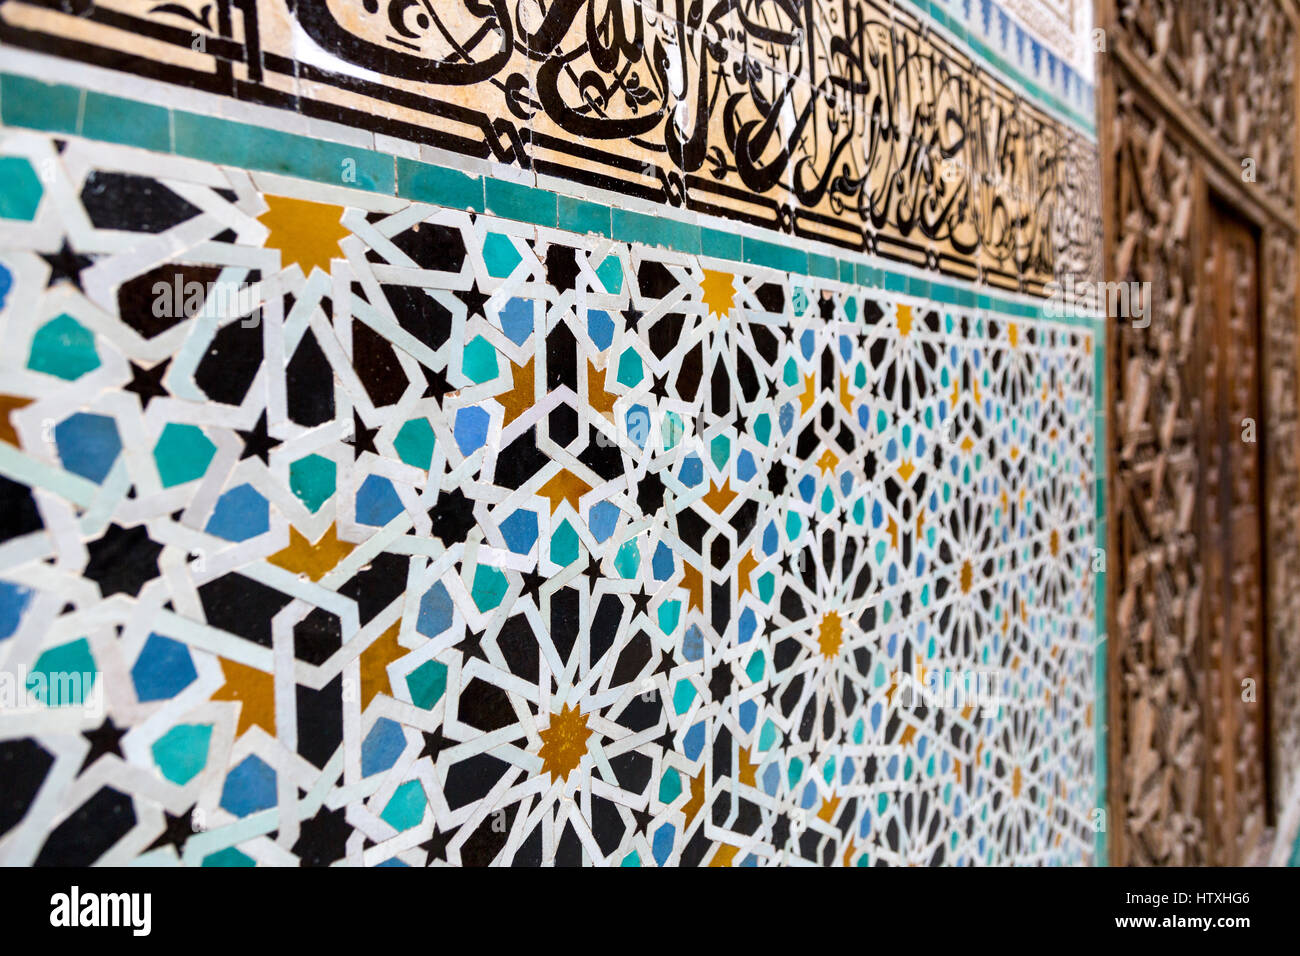 Fes marocco. medersa attarine 14th. secolo. geometrico design